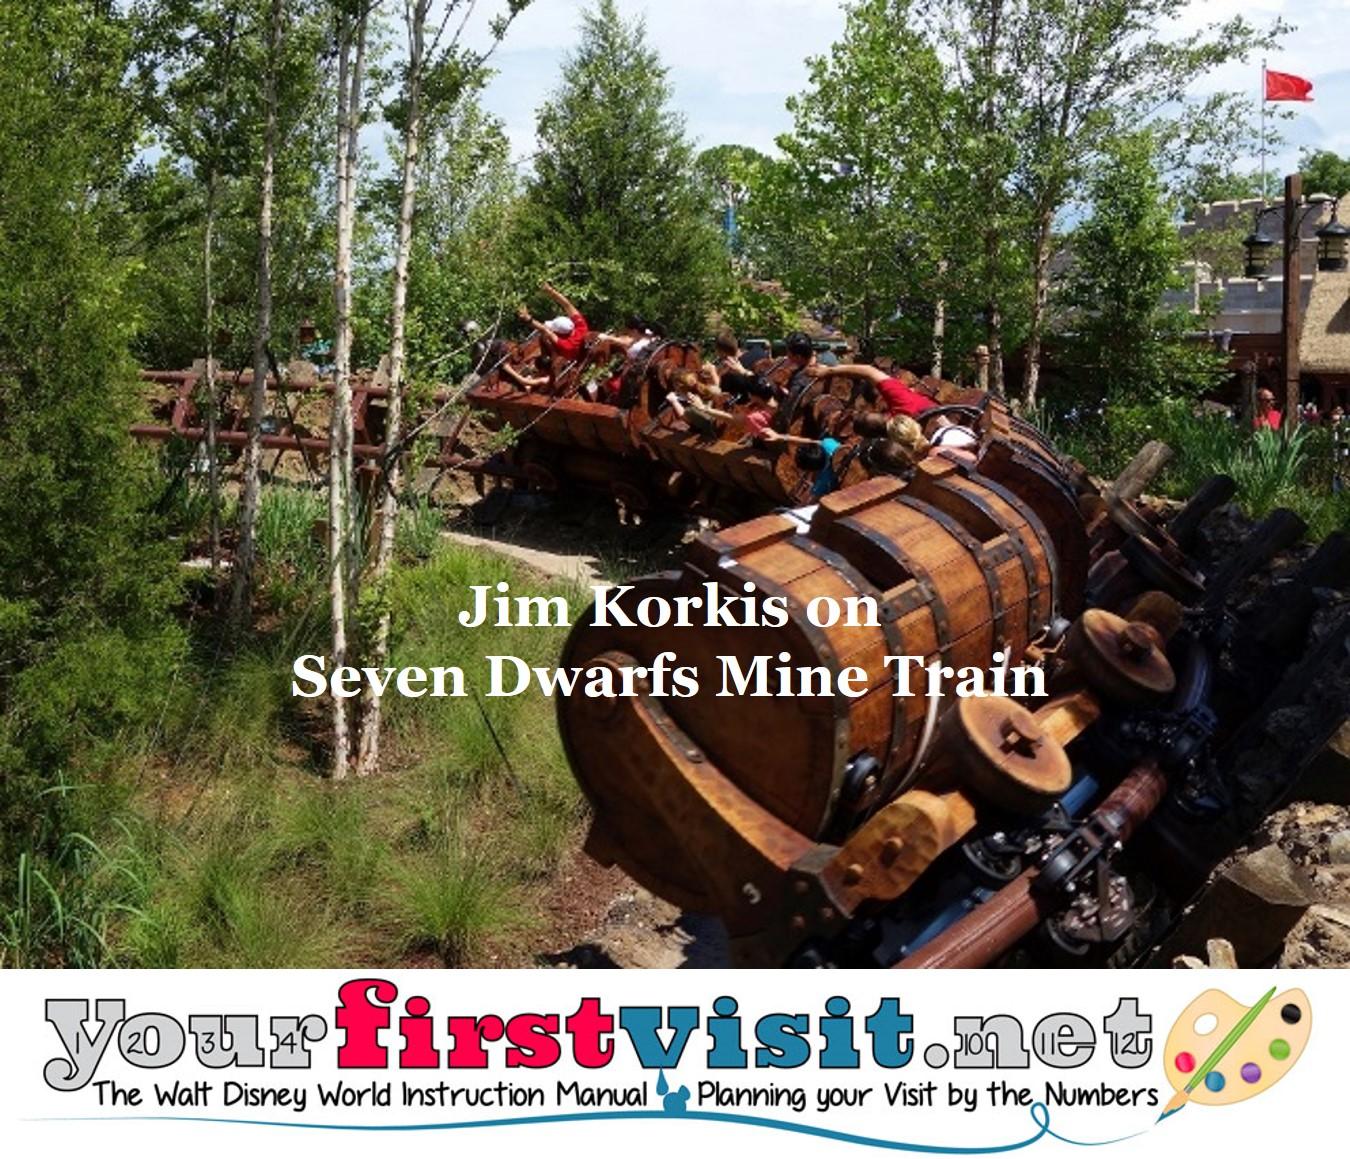 Jim Korkis on Seven Dwarfs Mine Train from yourfirstvisit.net